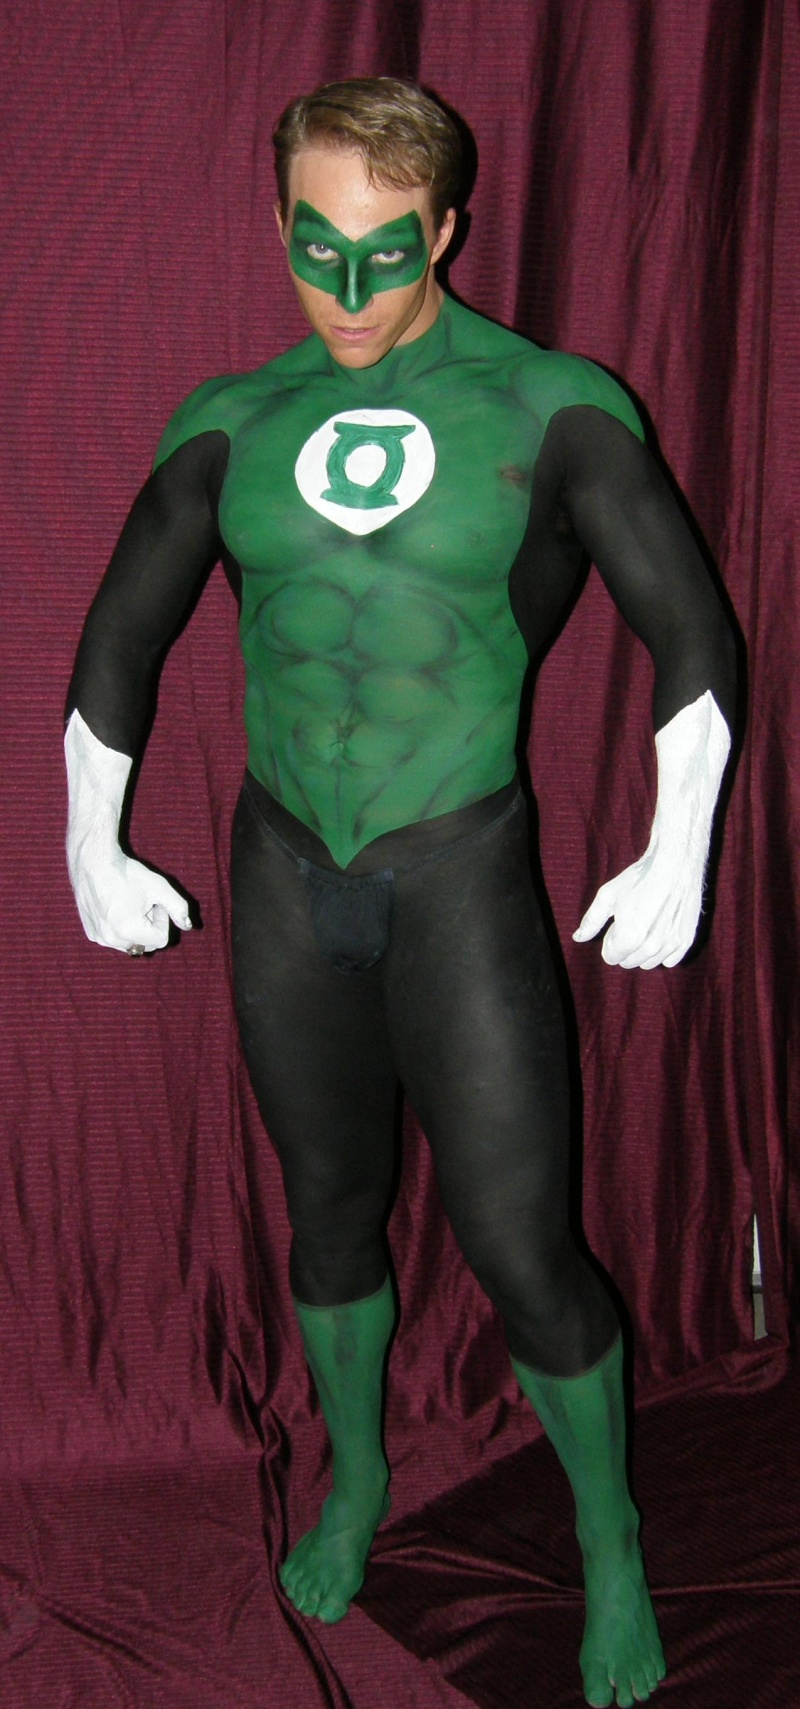 Las Vegas Apr 24, 2008 Patrick as Green Lantern